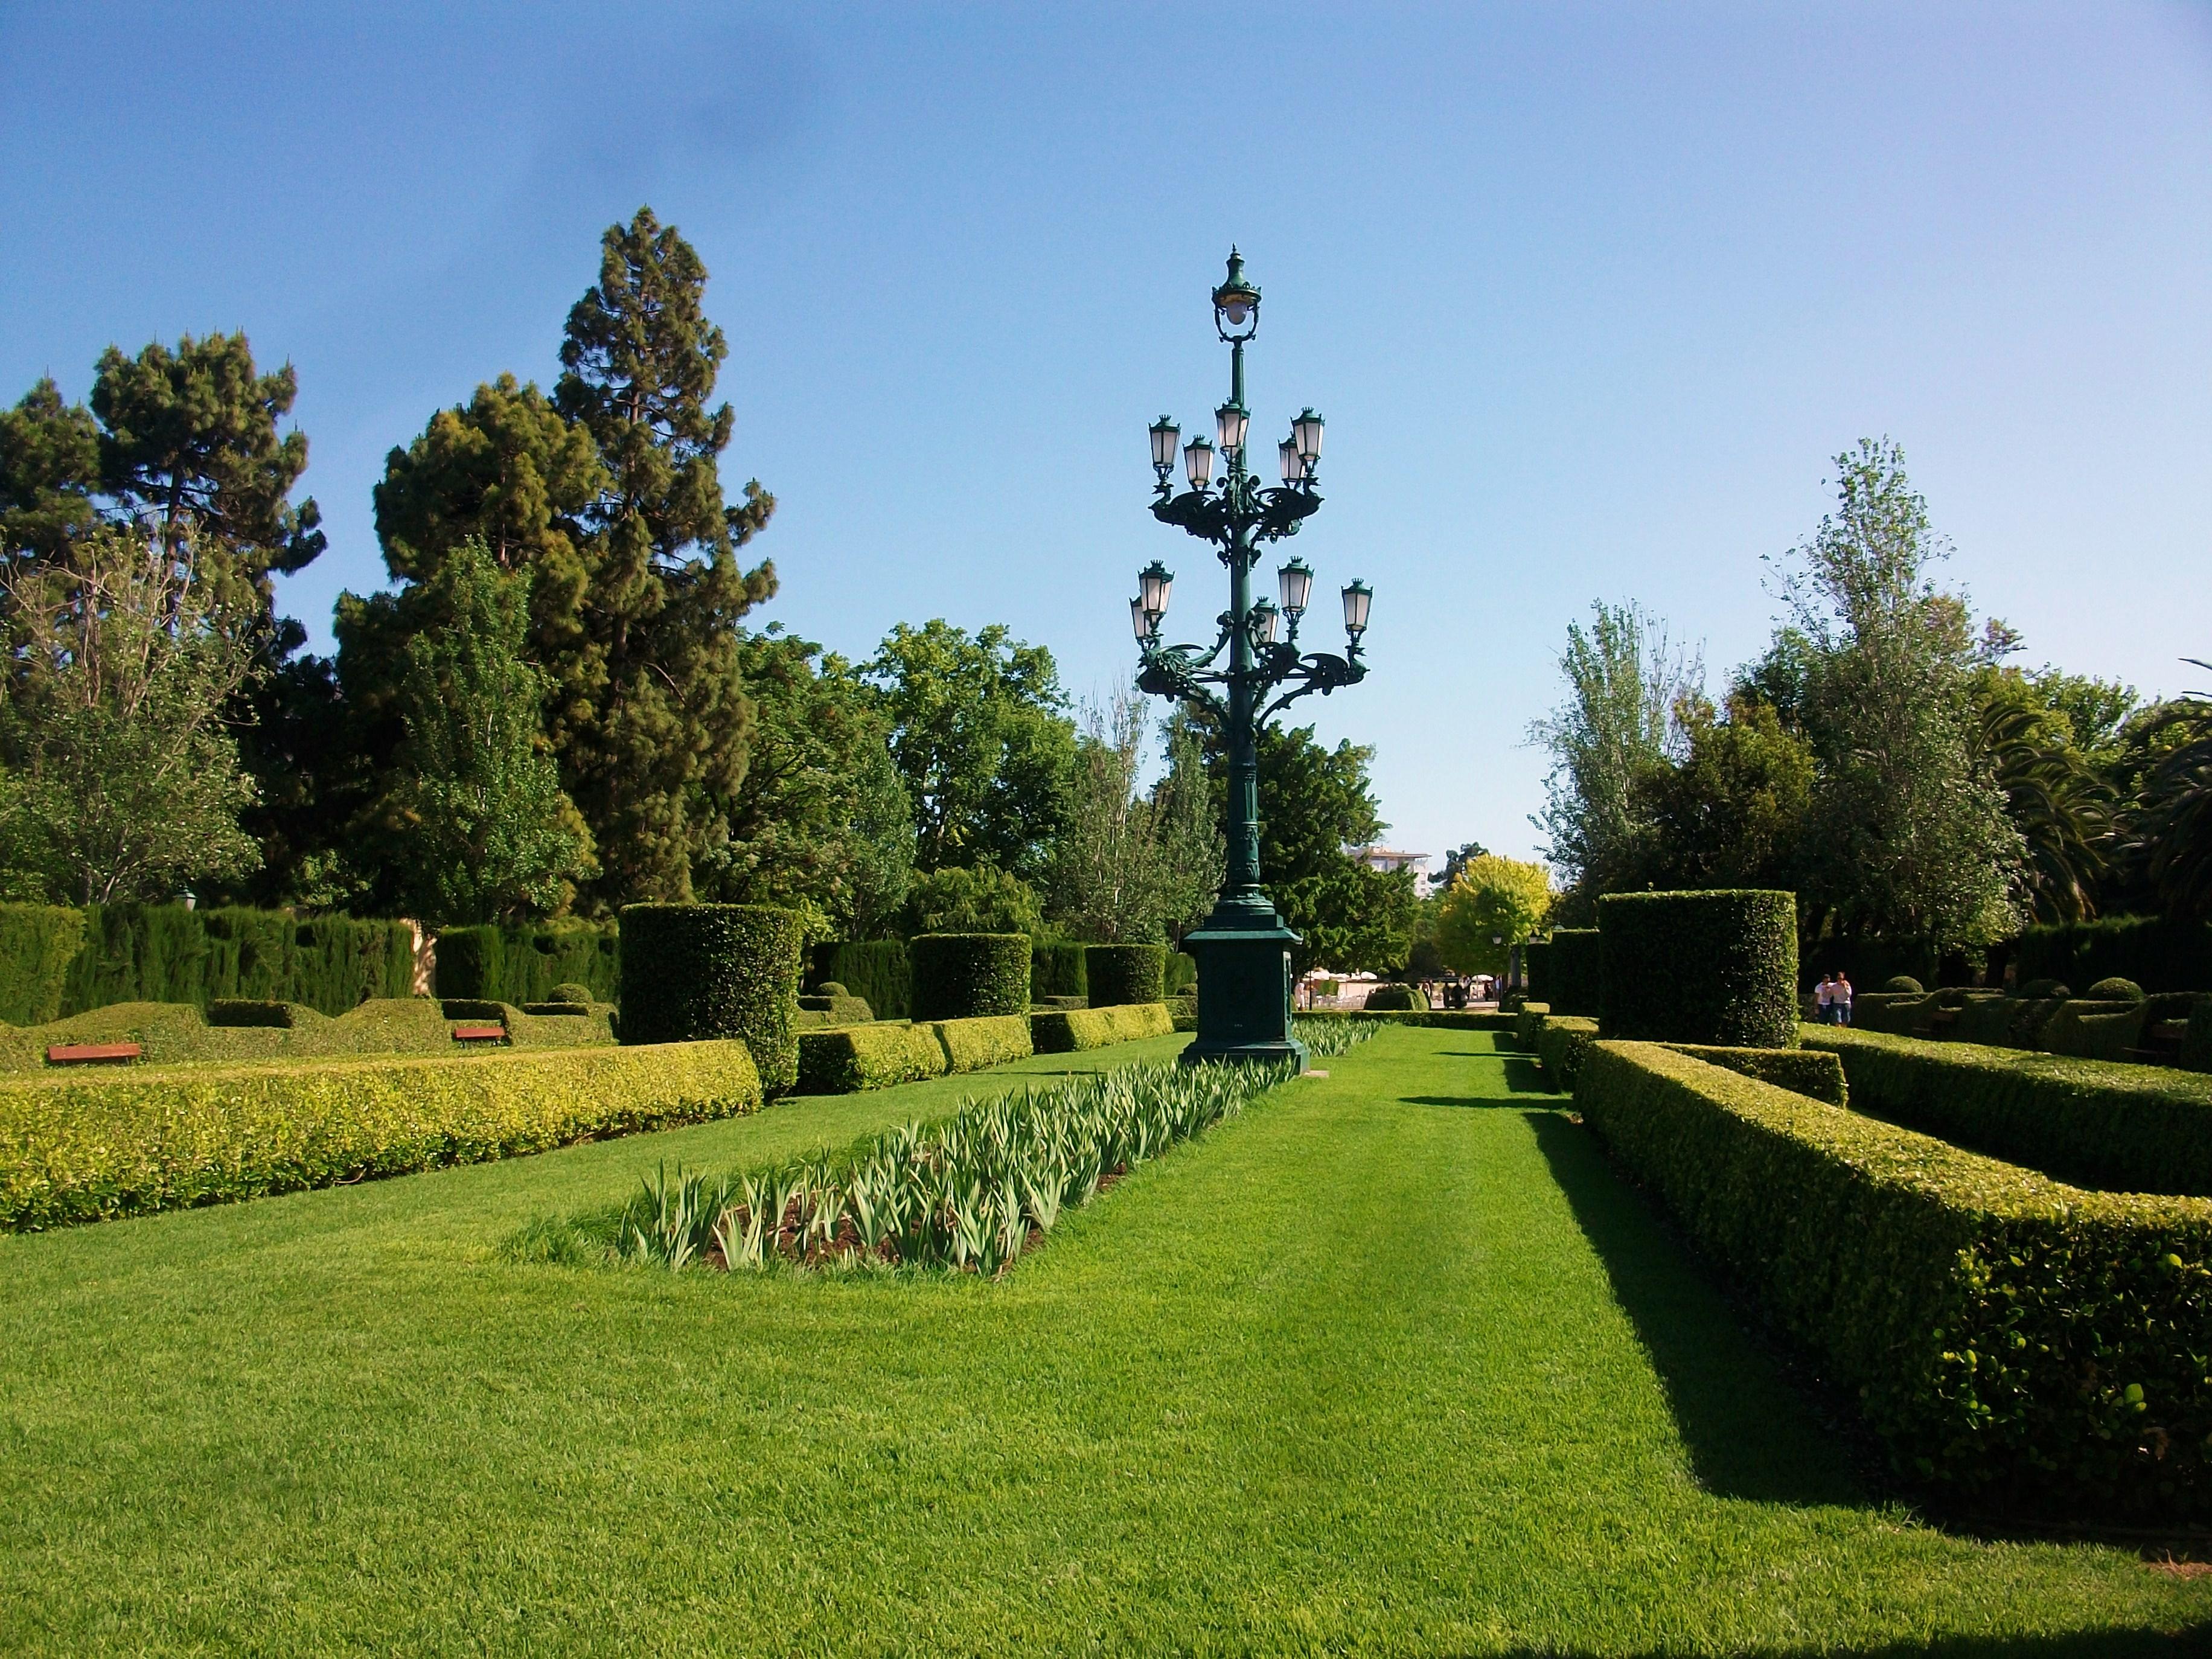 Jardines del Real - Valencia